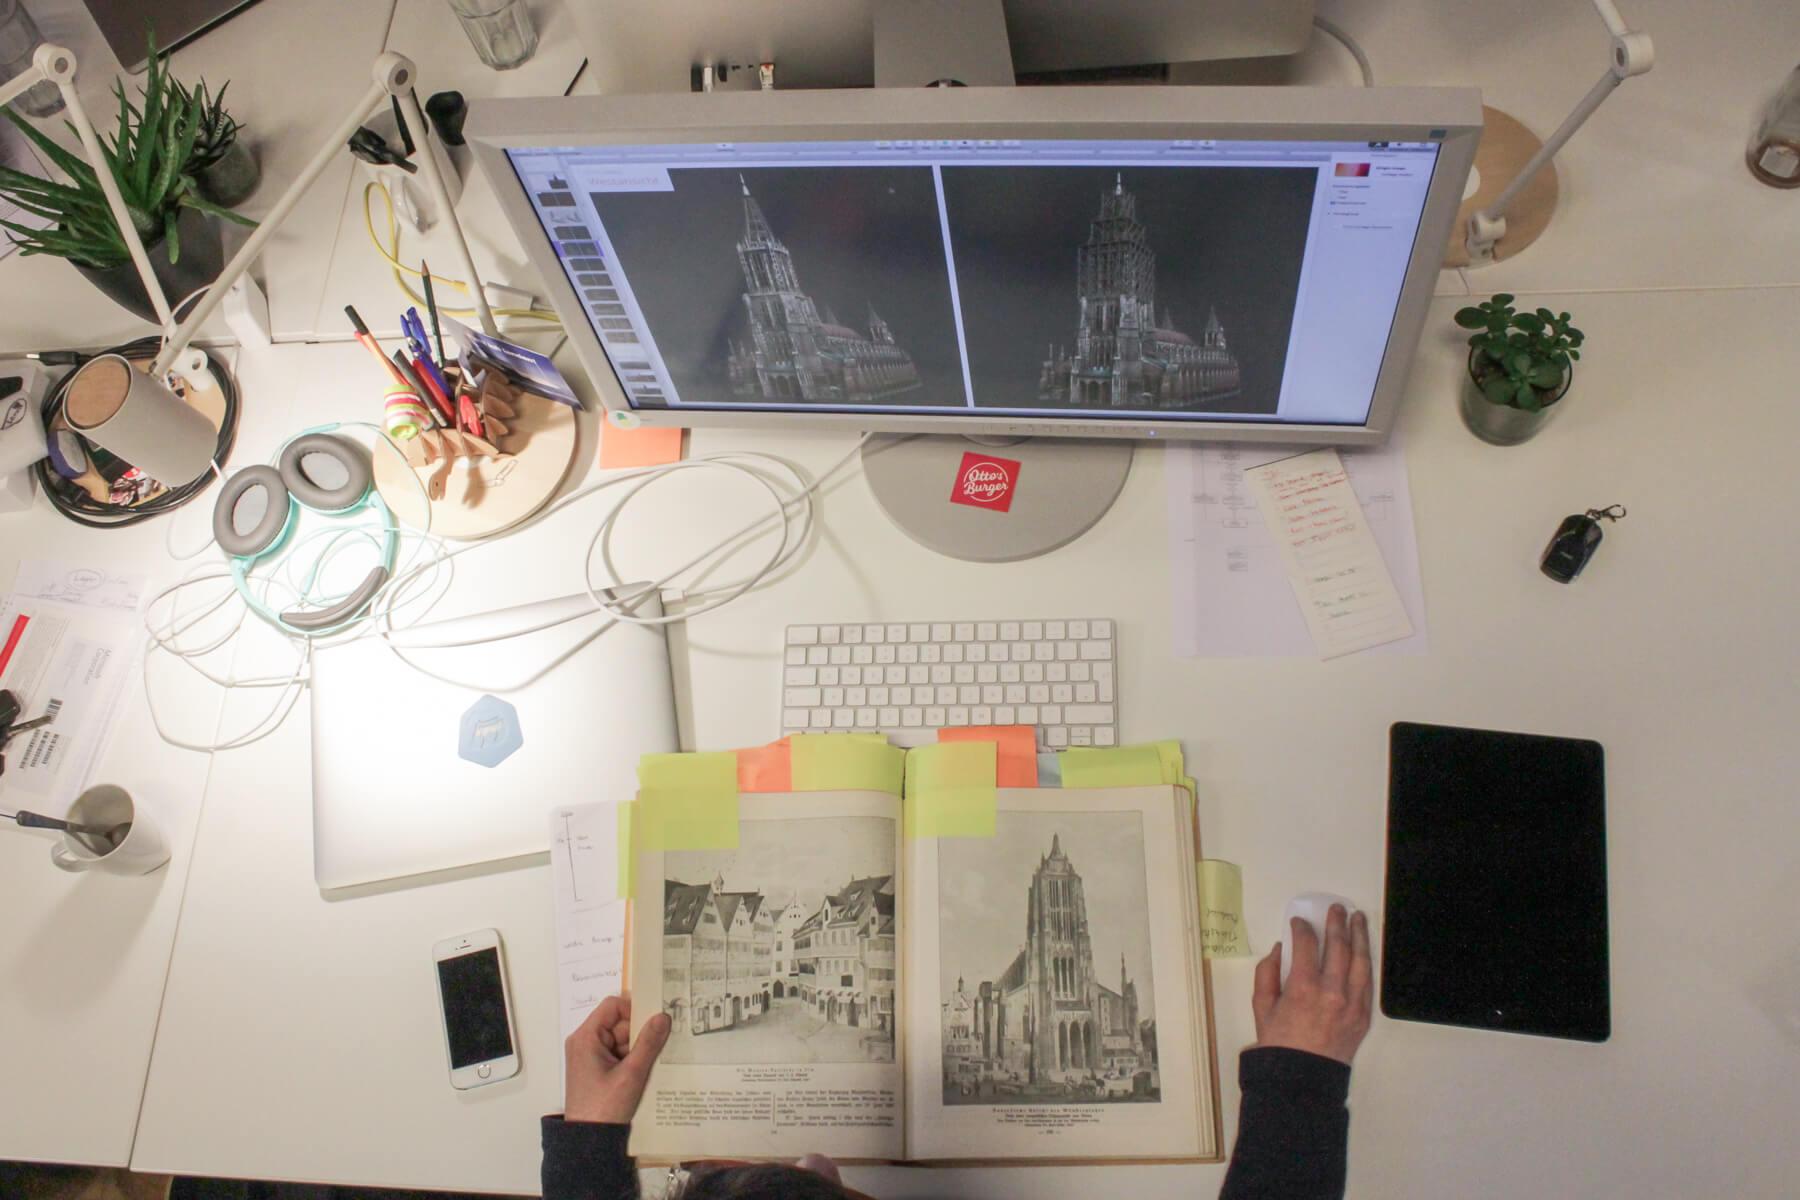 Digitale Leute - Mariana Gütt - Demodern - Für die Recherche fuhr die UX-Designerin nach Ulm in das Stadtarchiv.